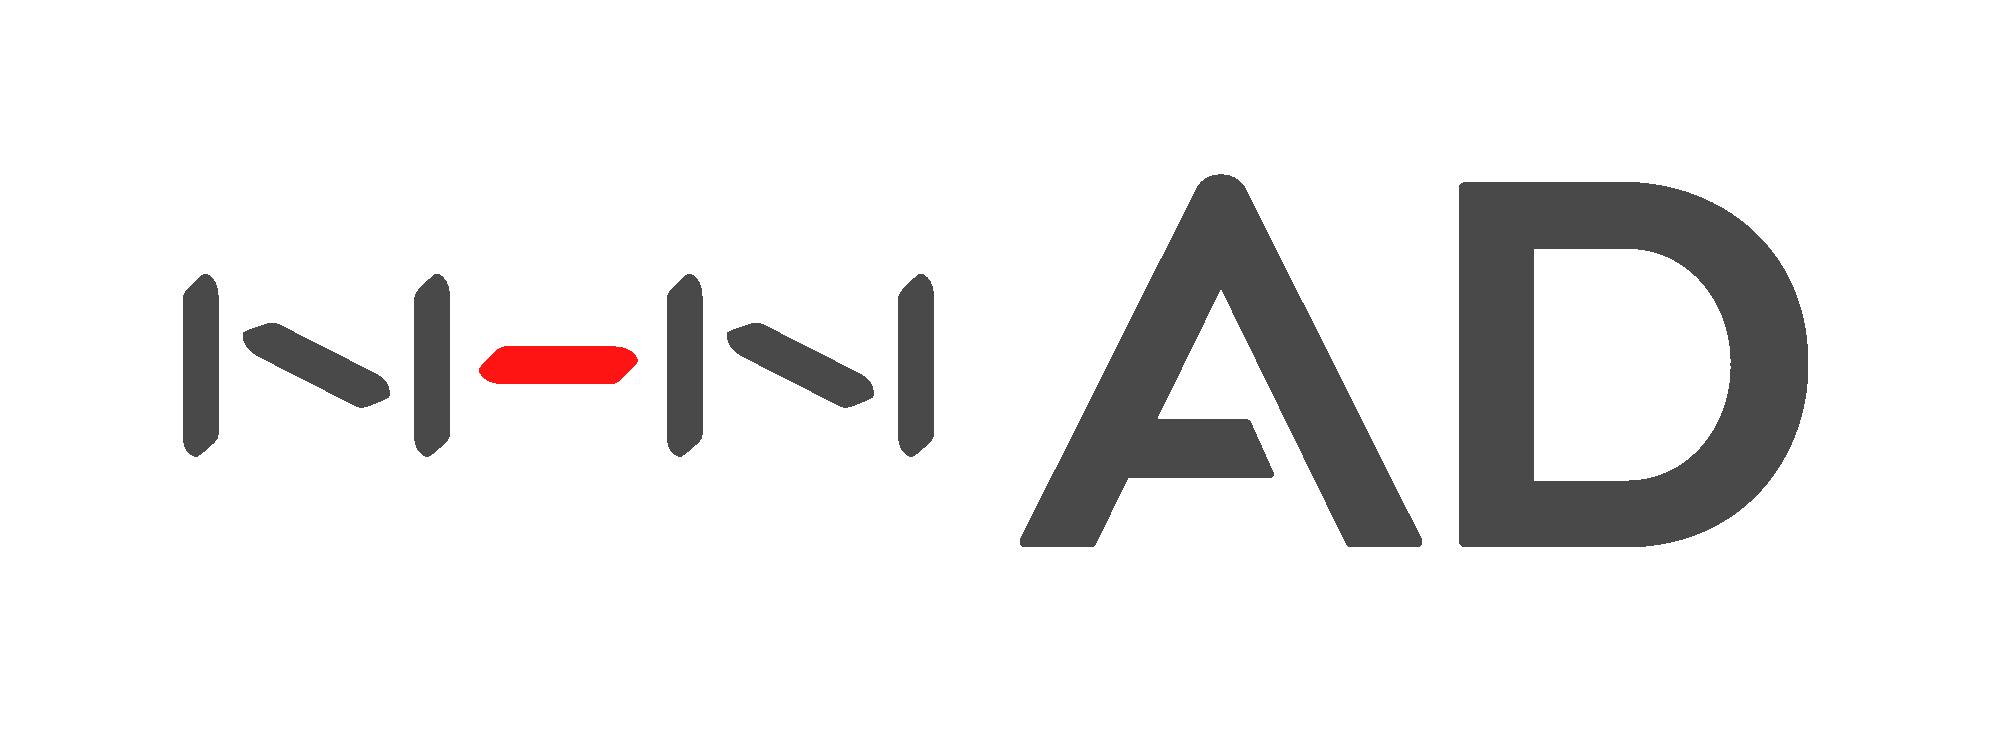 엔에이치엔의 계열사 엔에이치엔애드(주)의 로고